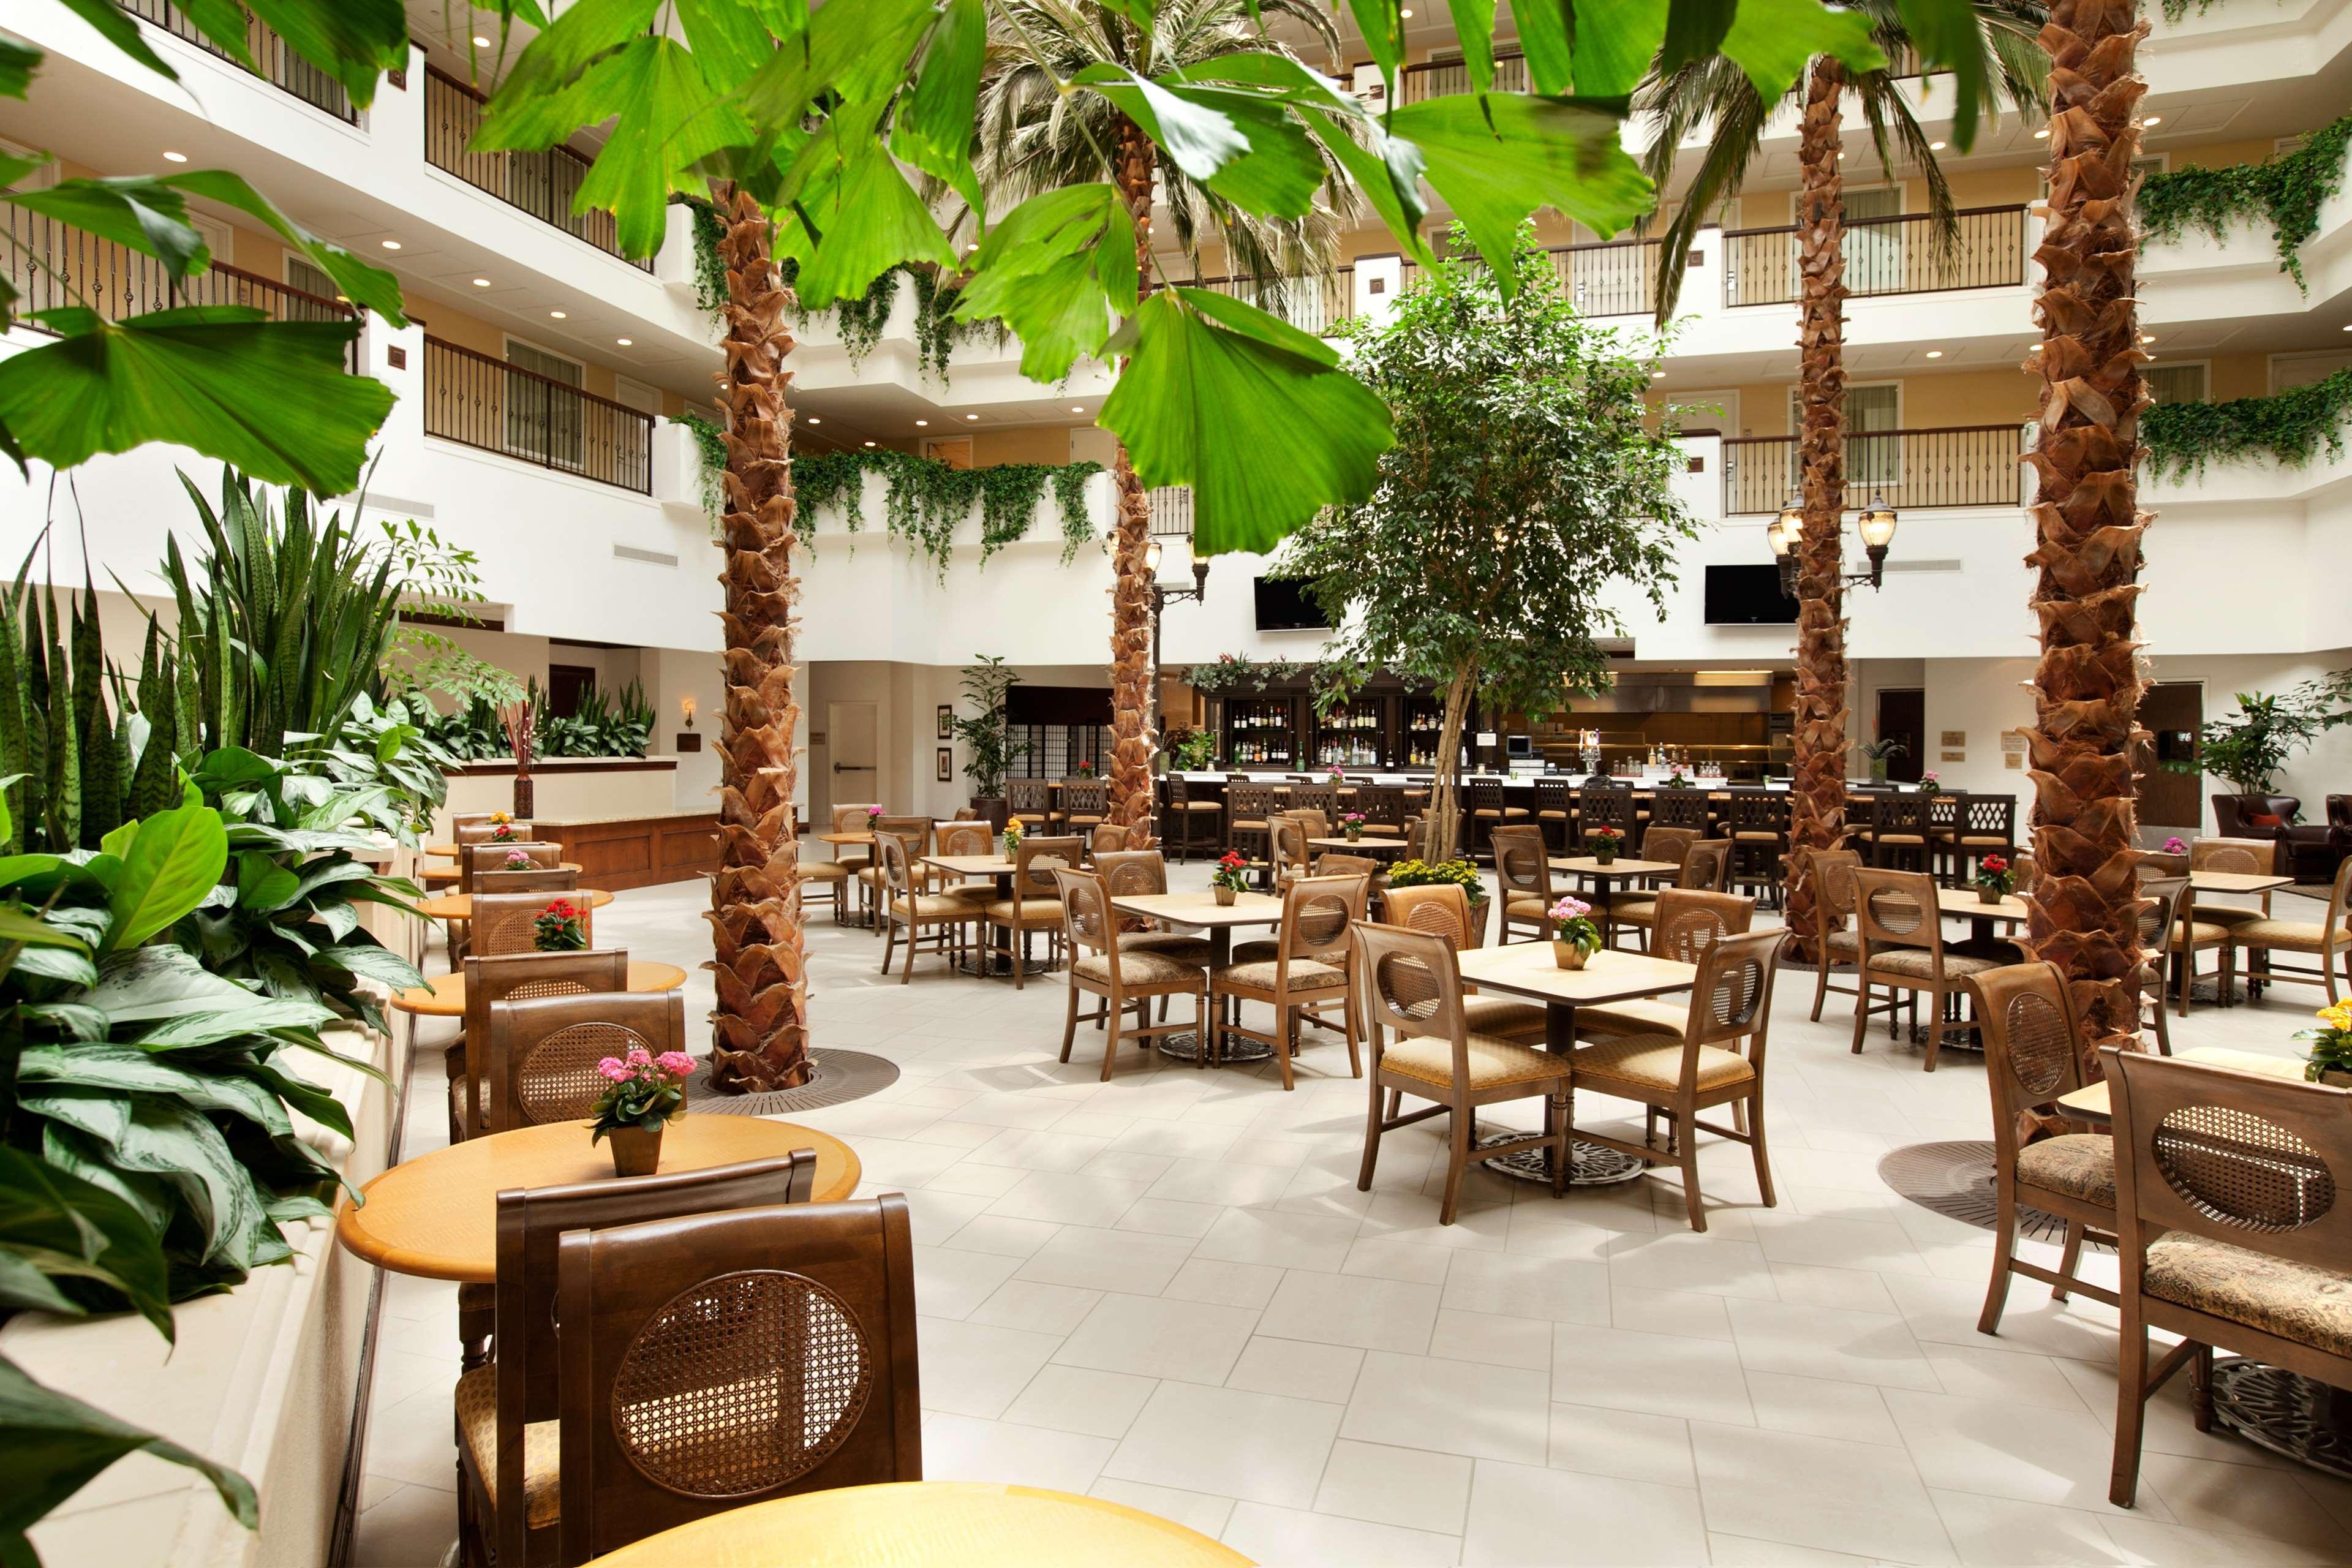 Embassy Suites by Hilton La Quinta Hotel & Spa image 13